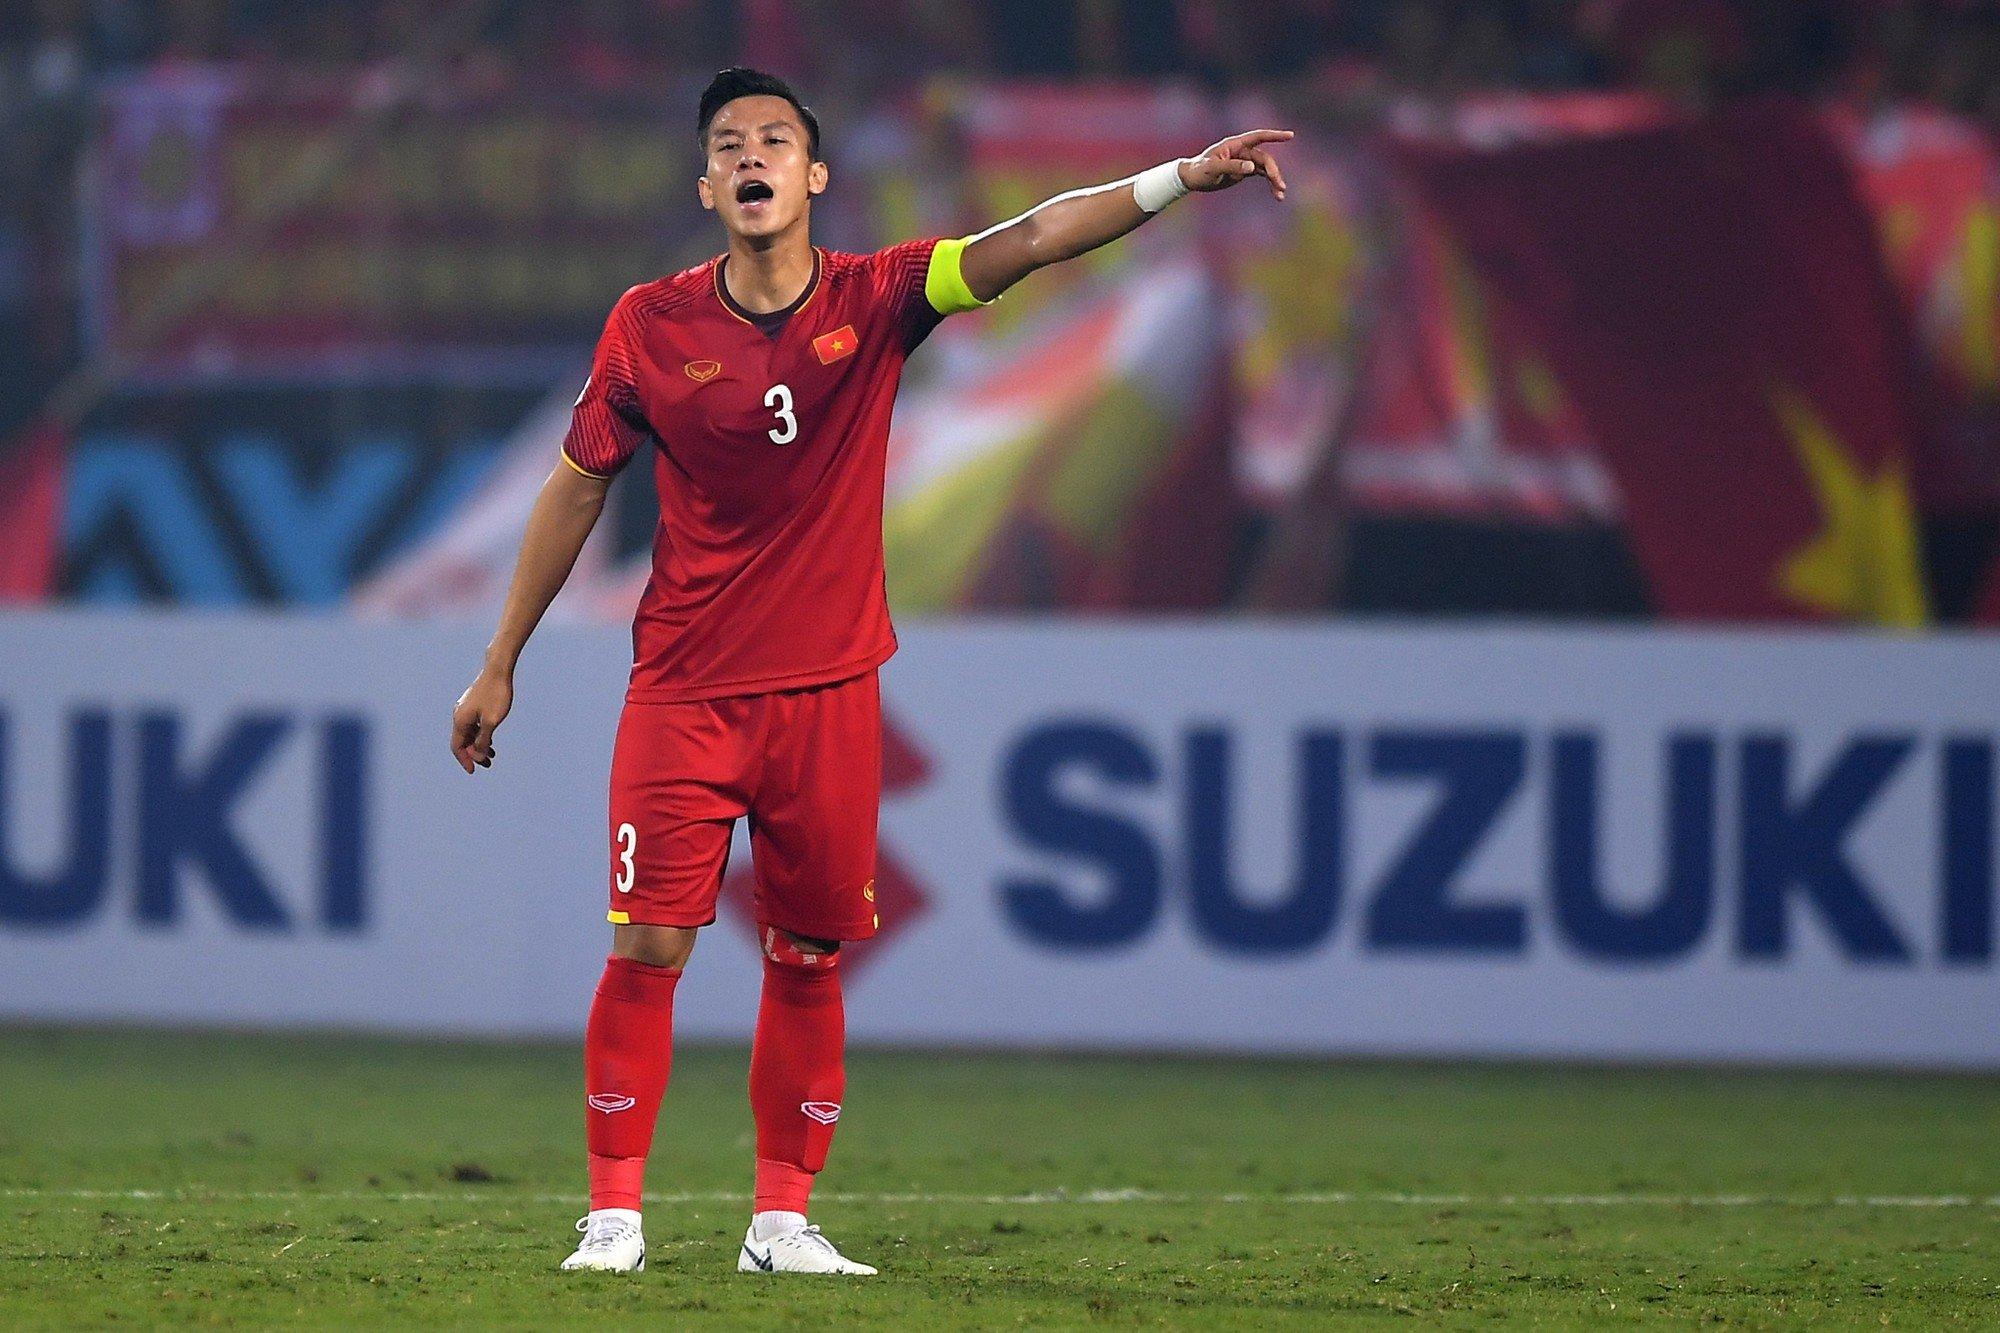 Đội phó tuyển Việt Nam: 'Chúng tôi hứa sẽ đem về niềm vui trọn vẹn cho người hâm mộ sau đây 4 ngày' 1